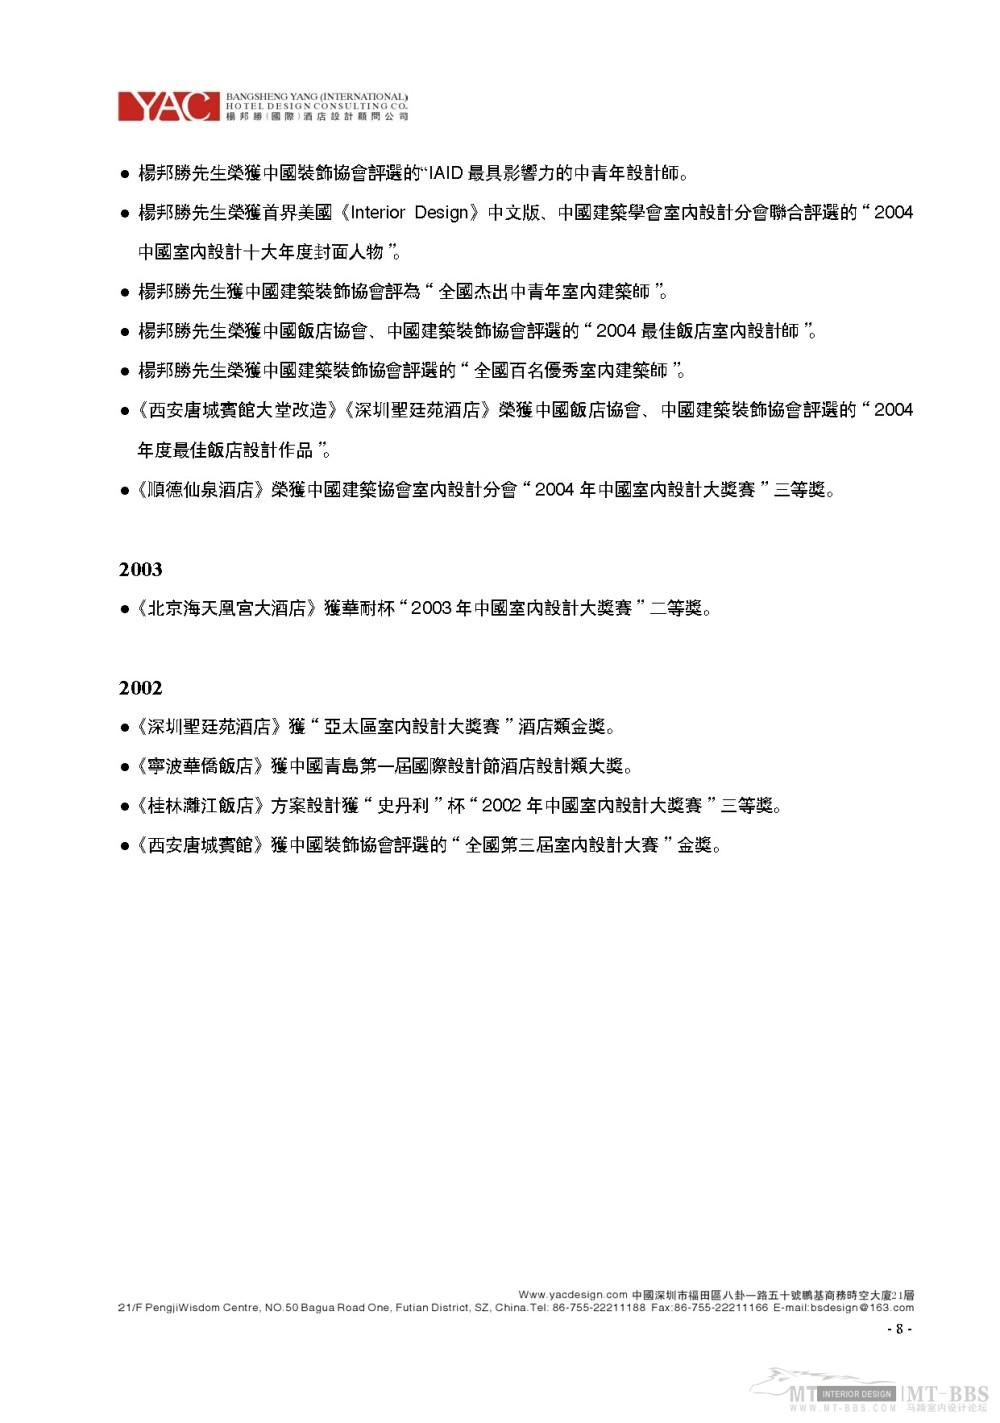 杨邦胜_2011.03.30YAC(国际)杨邦胜酒店设计顾问公司简介_页面_08.jpg